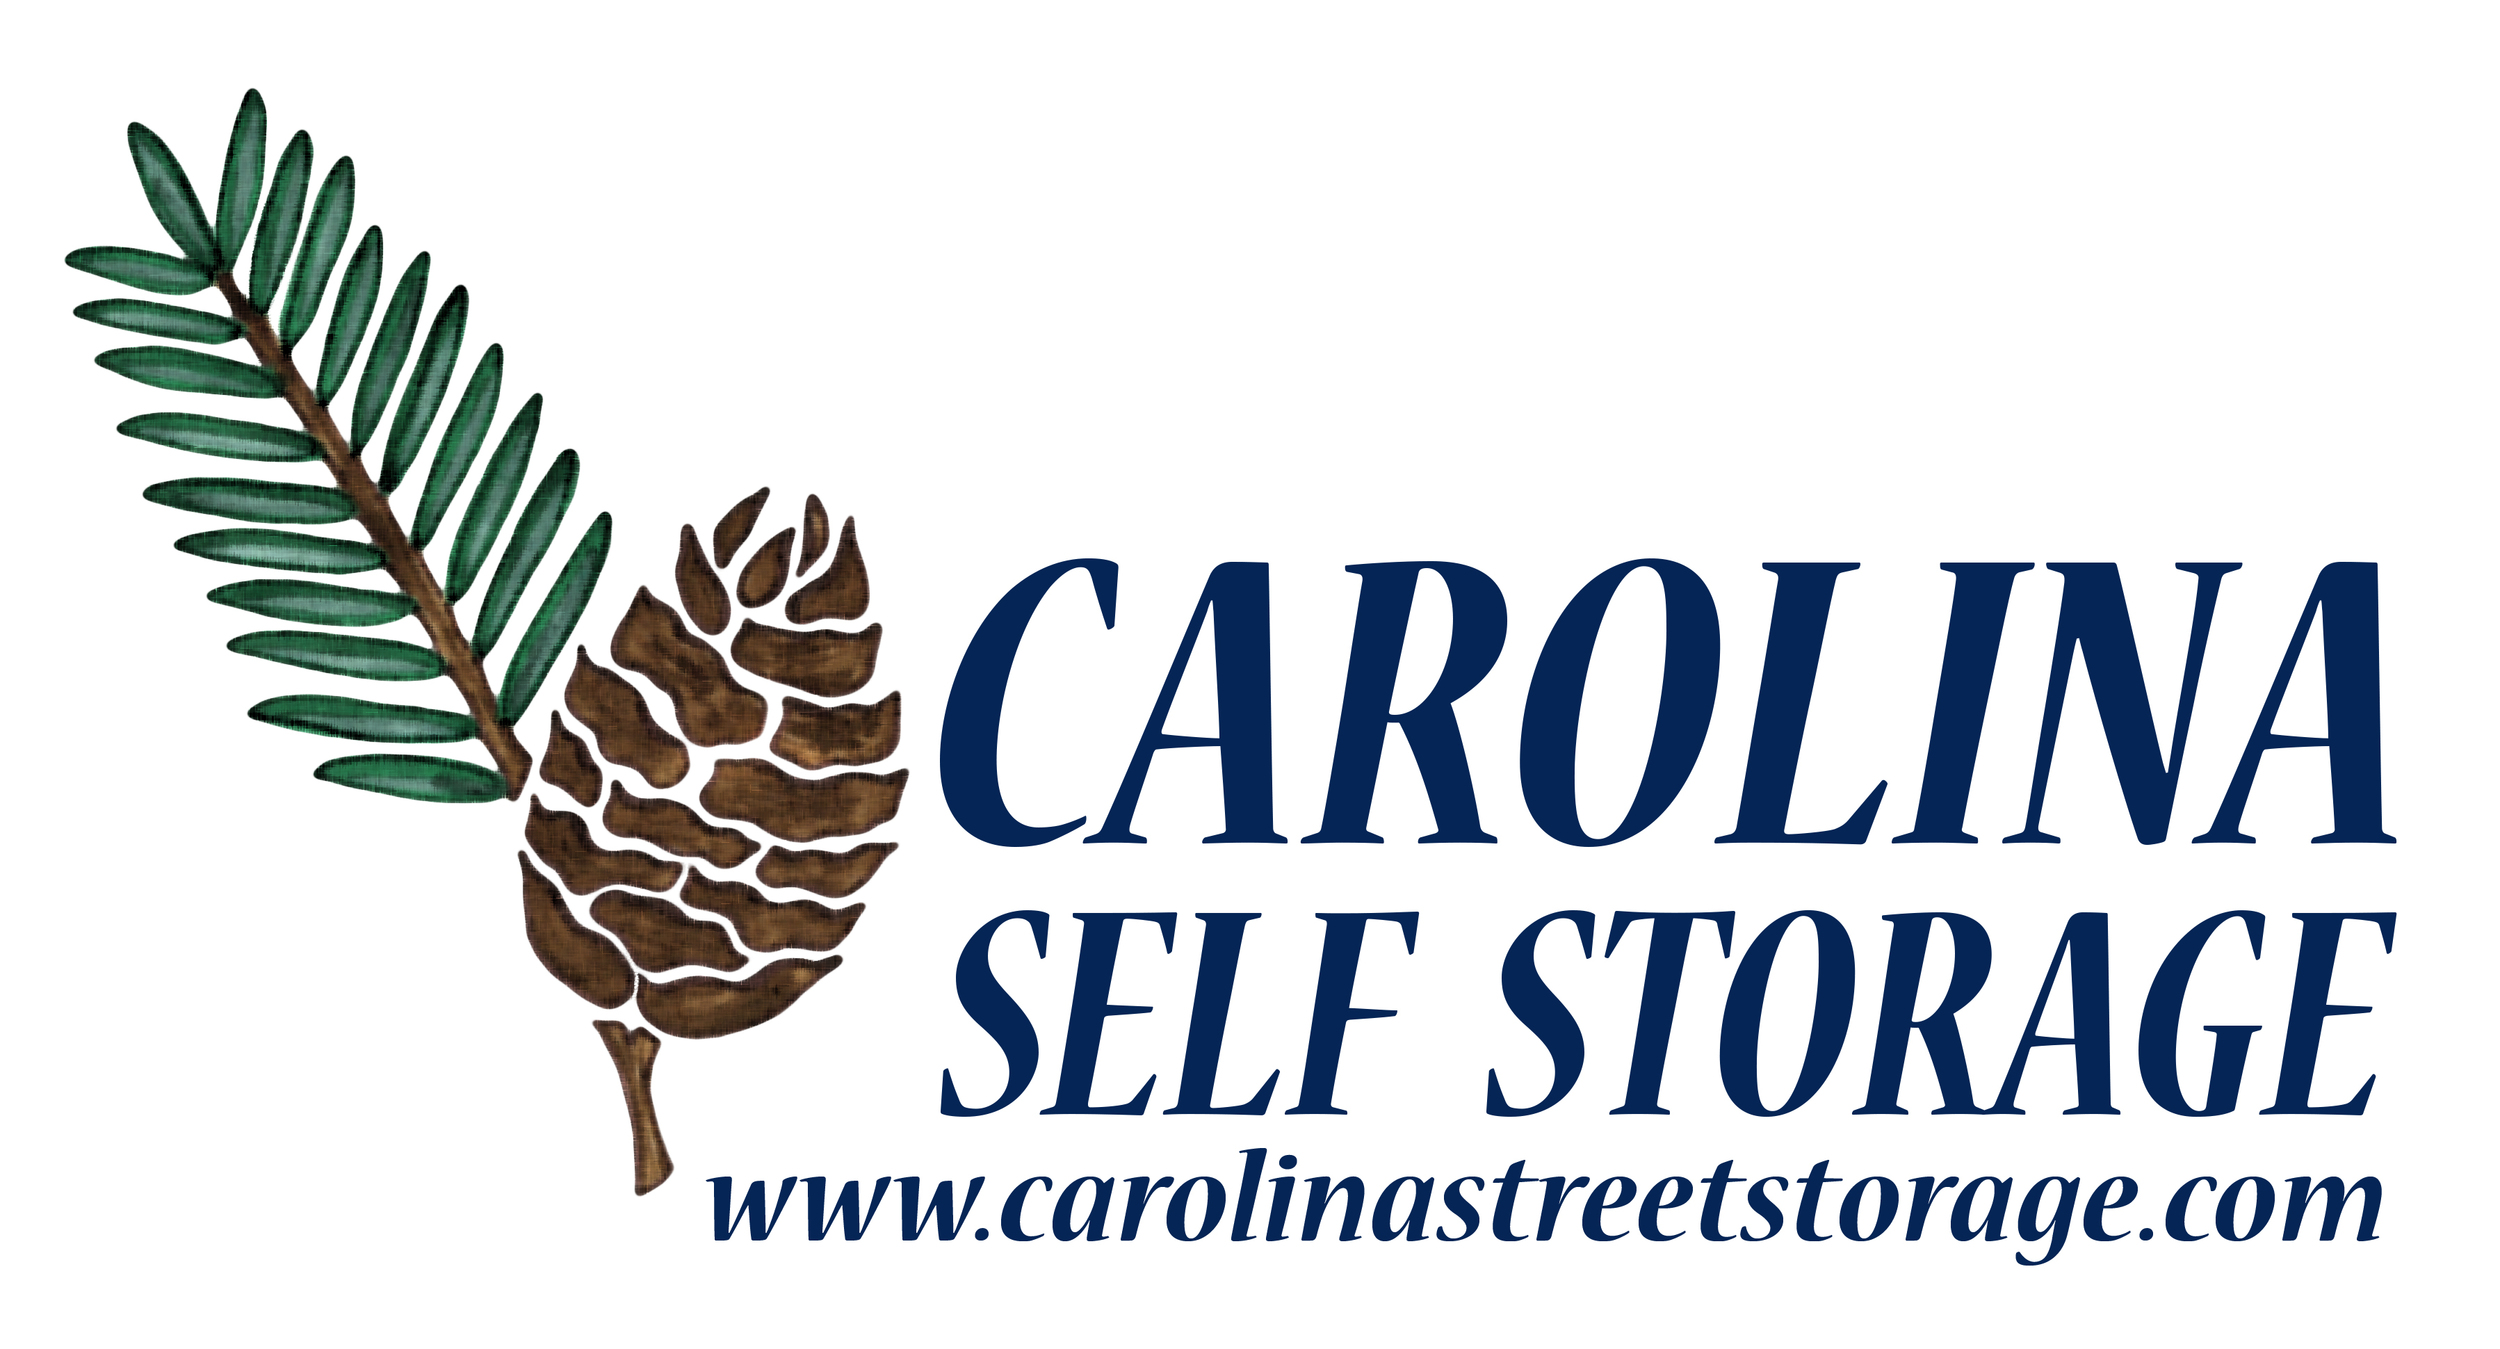 Carolina Self Storage copy.jpg